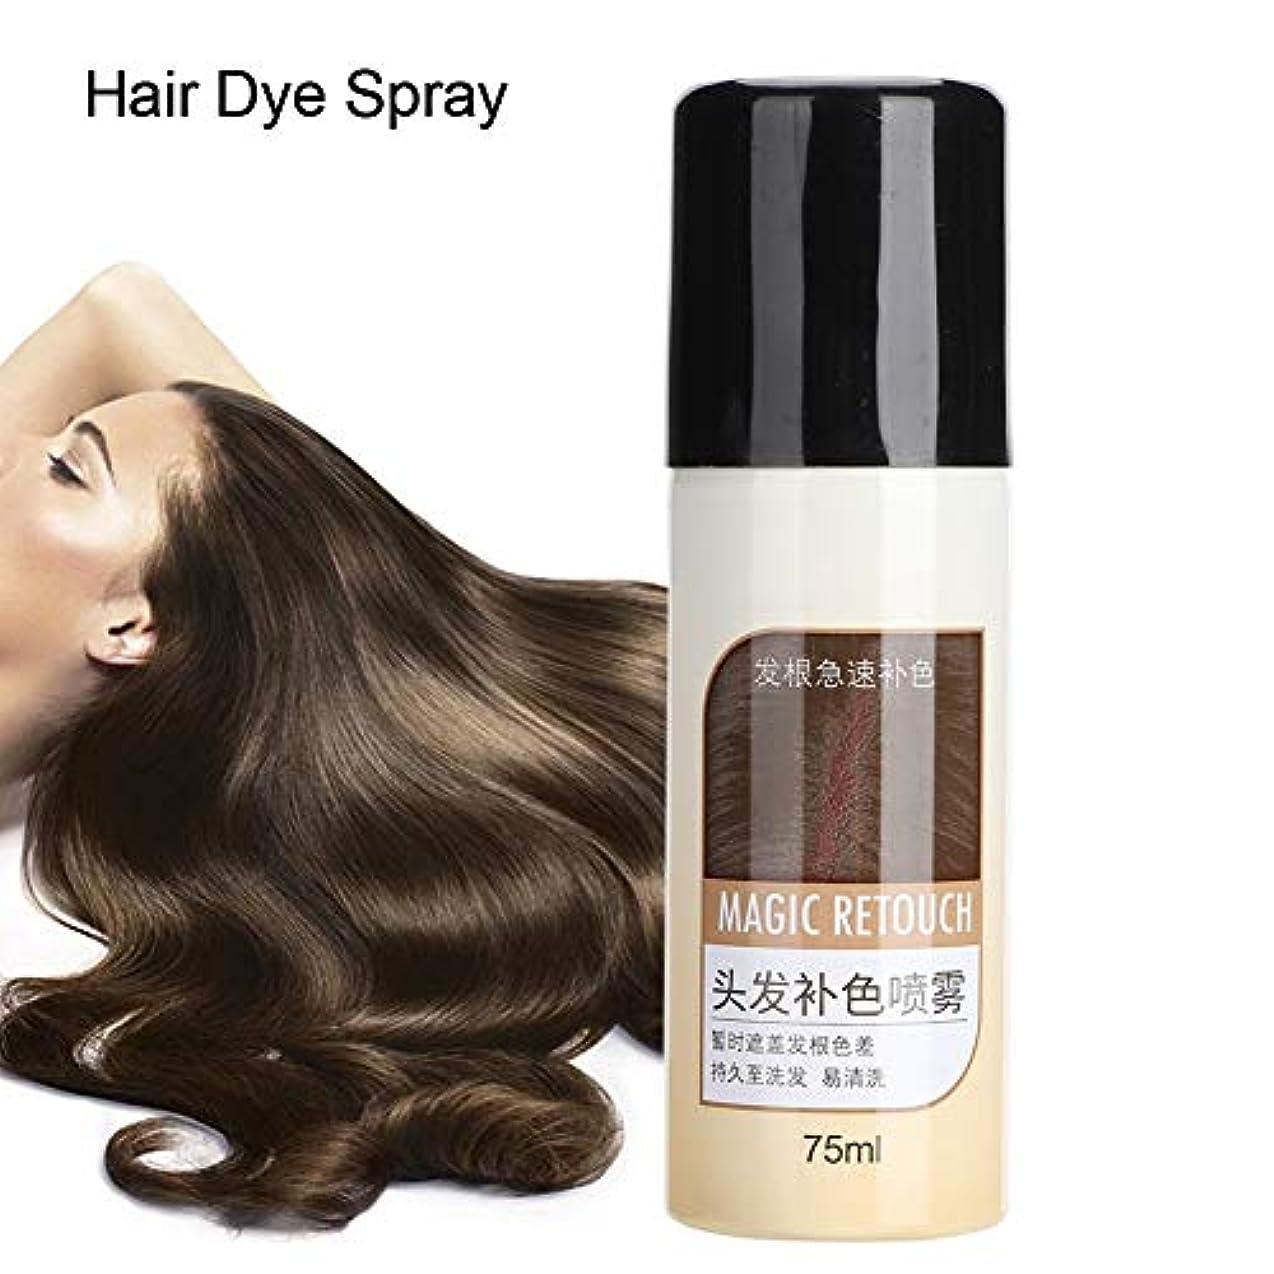 接続詞平凡ティームヘアダイ、べたつかないマットヘアスタイル栄養補給用洗えるスプレーカバー白髪用長続きするカラー染料750ml (#1)